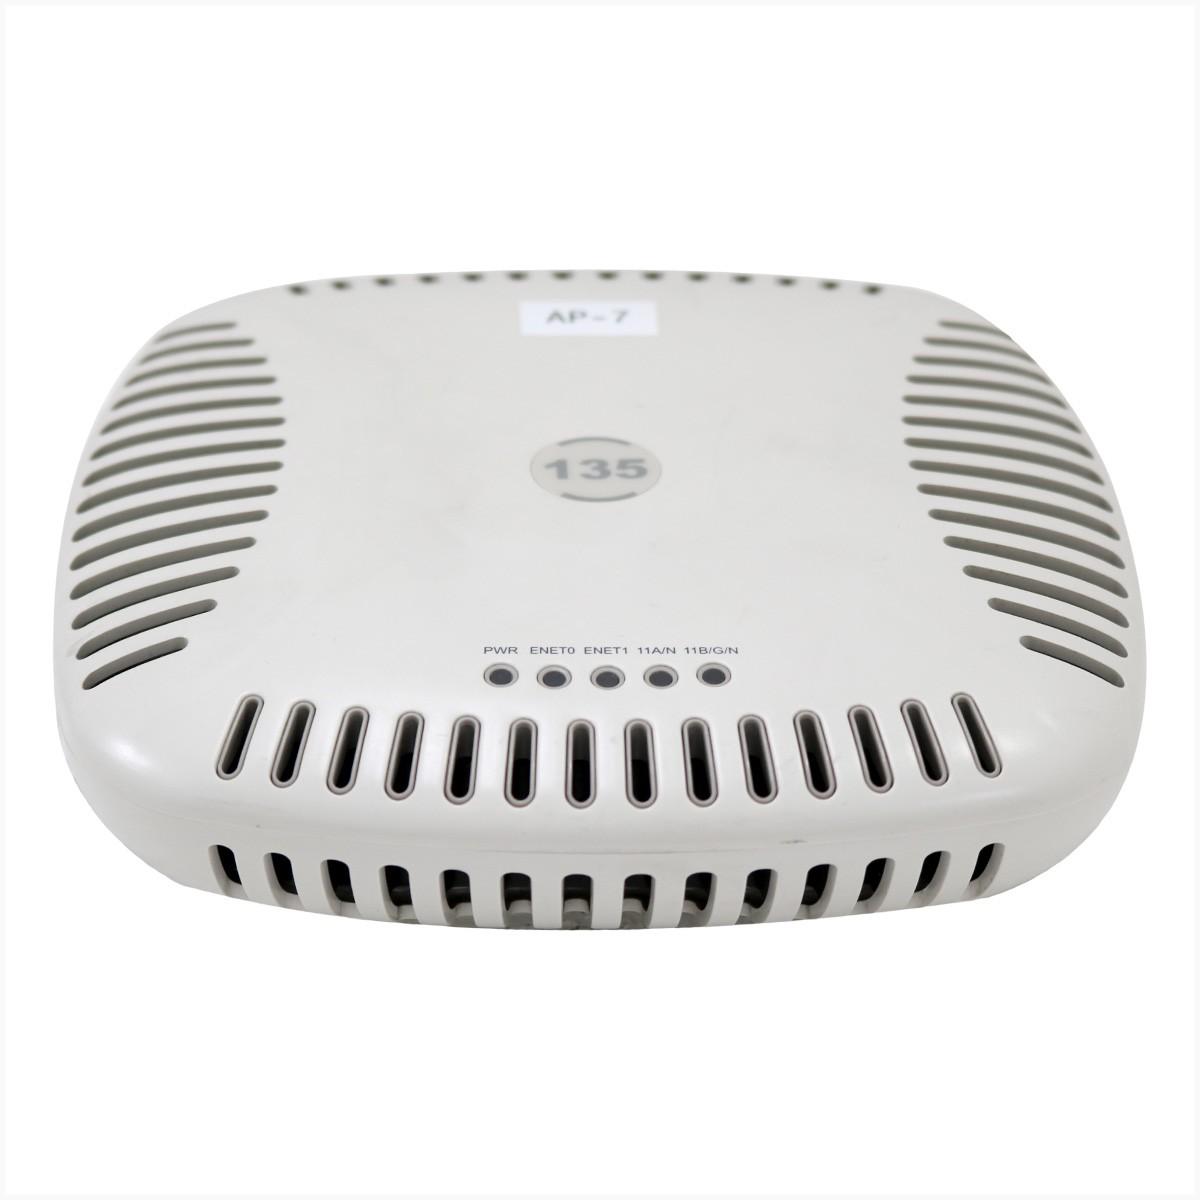 Modem aruba access point wireless ap-135 - usado